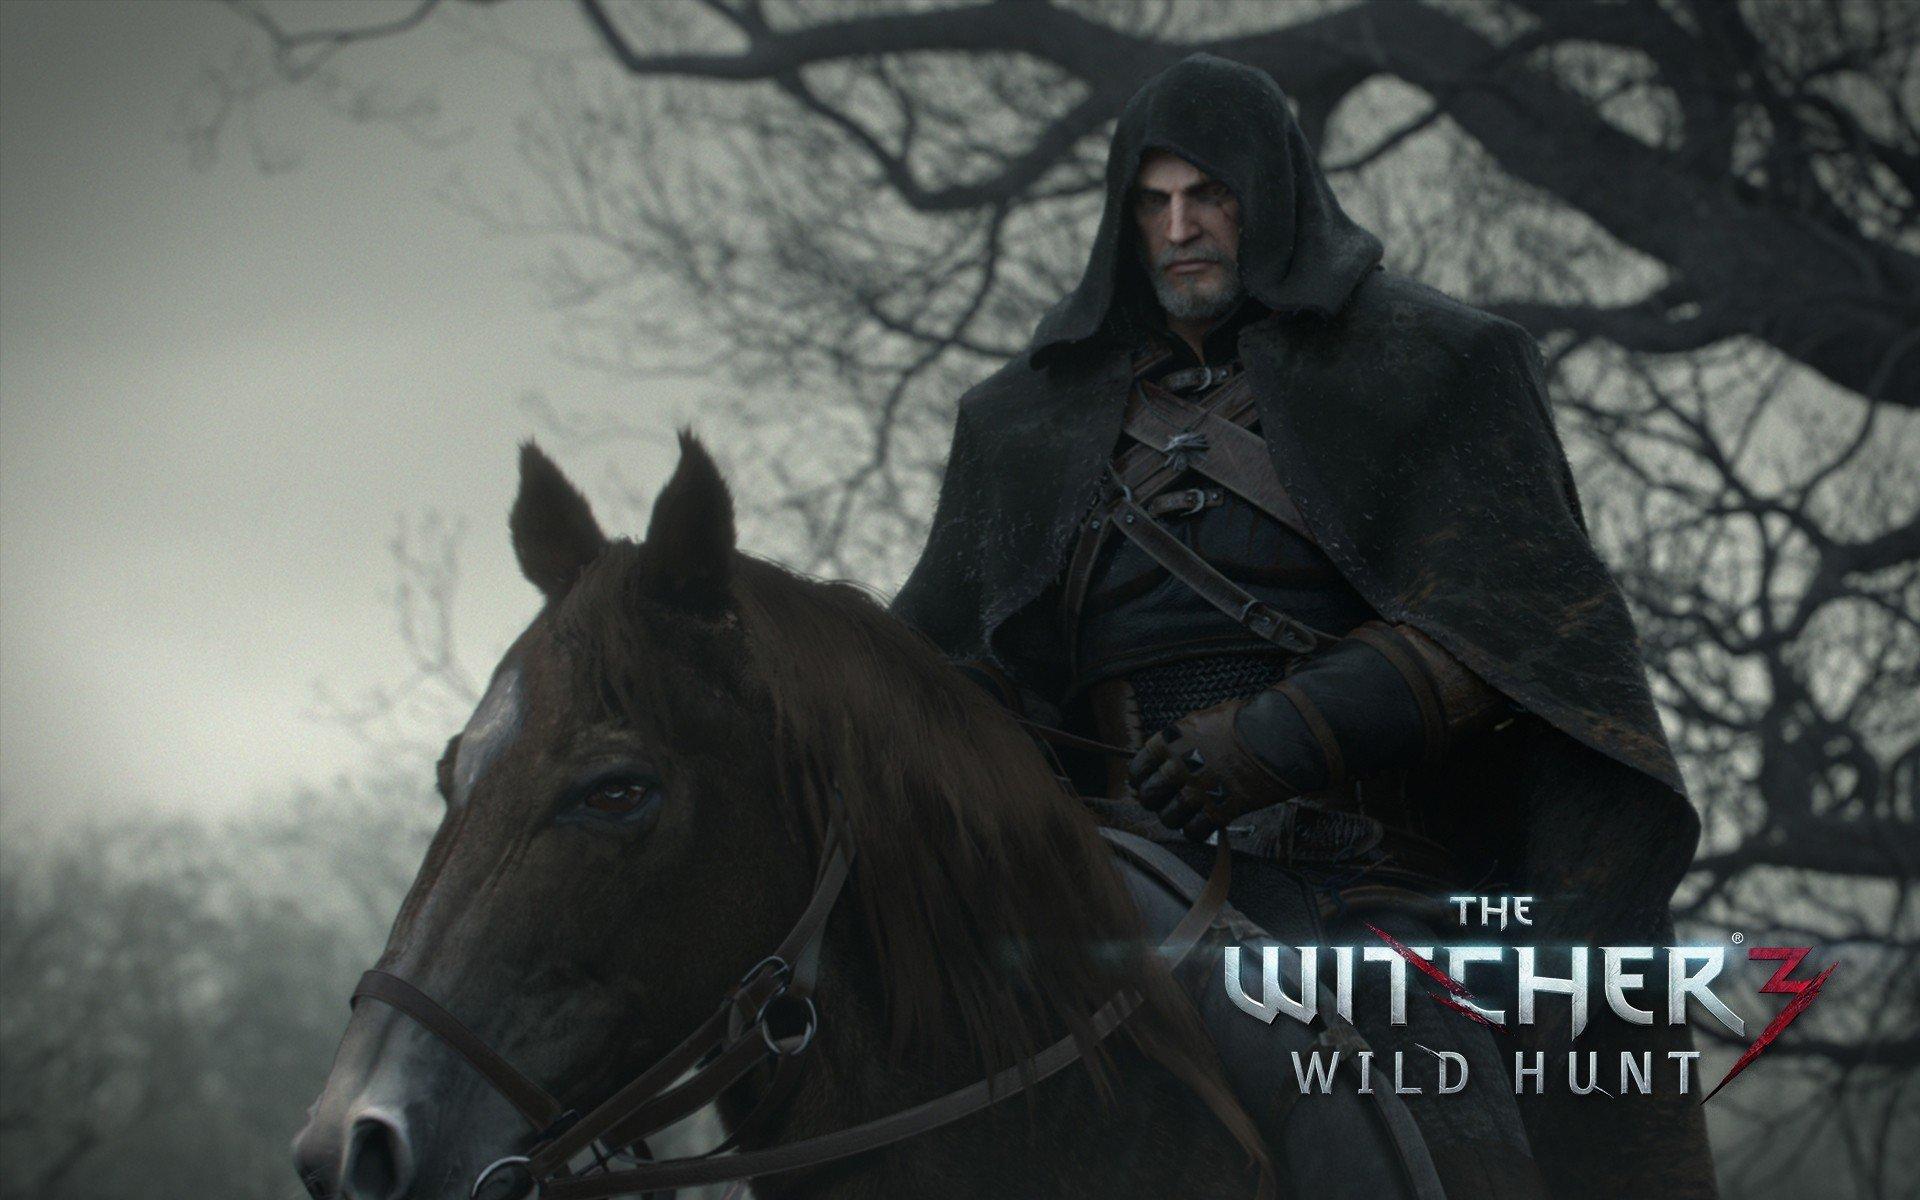 The Witcher 3: Wild Hunt. Все самое интересное за прошедшее время.   Новые факты о игре.   • Появилось огромное коли ... - Изображение 13